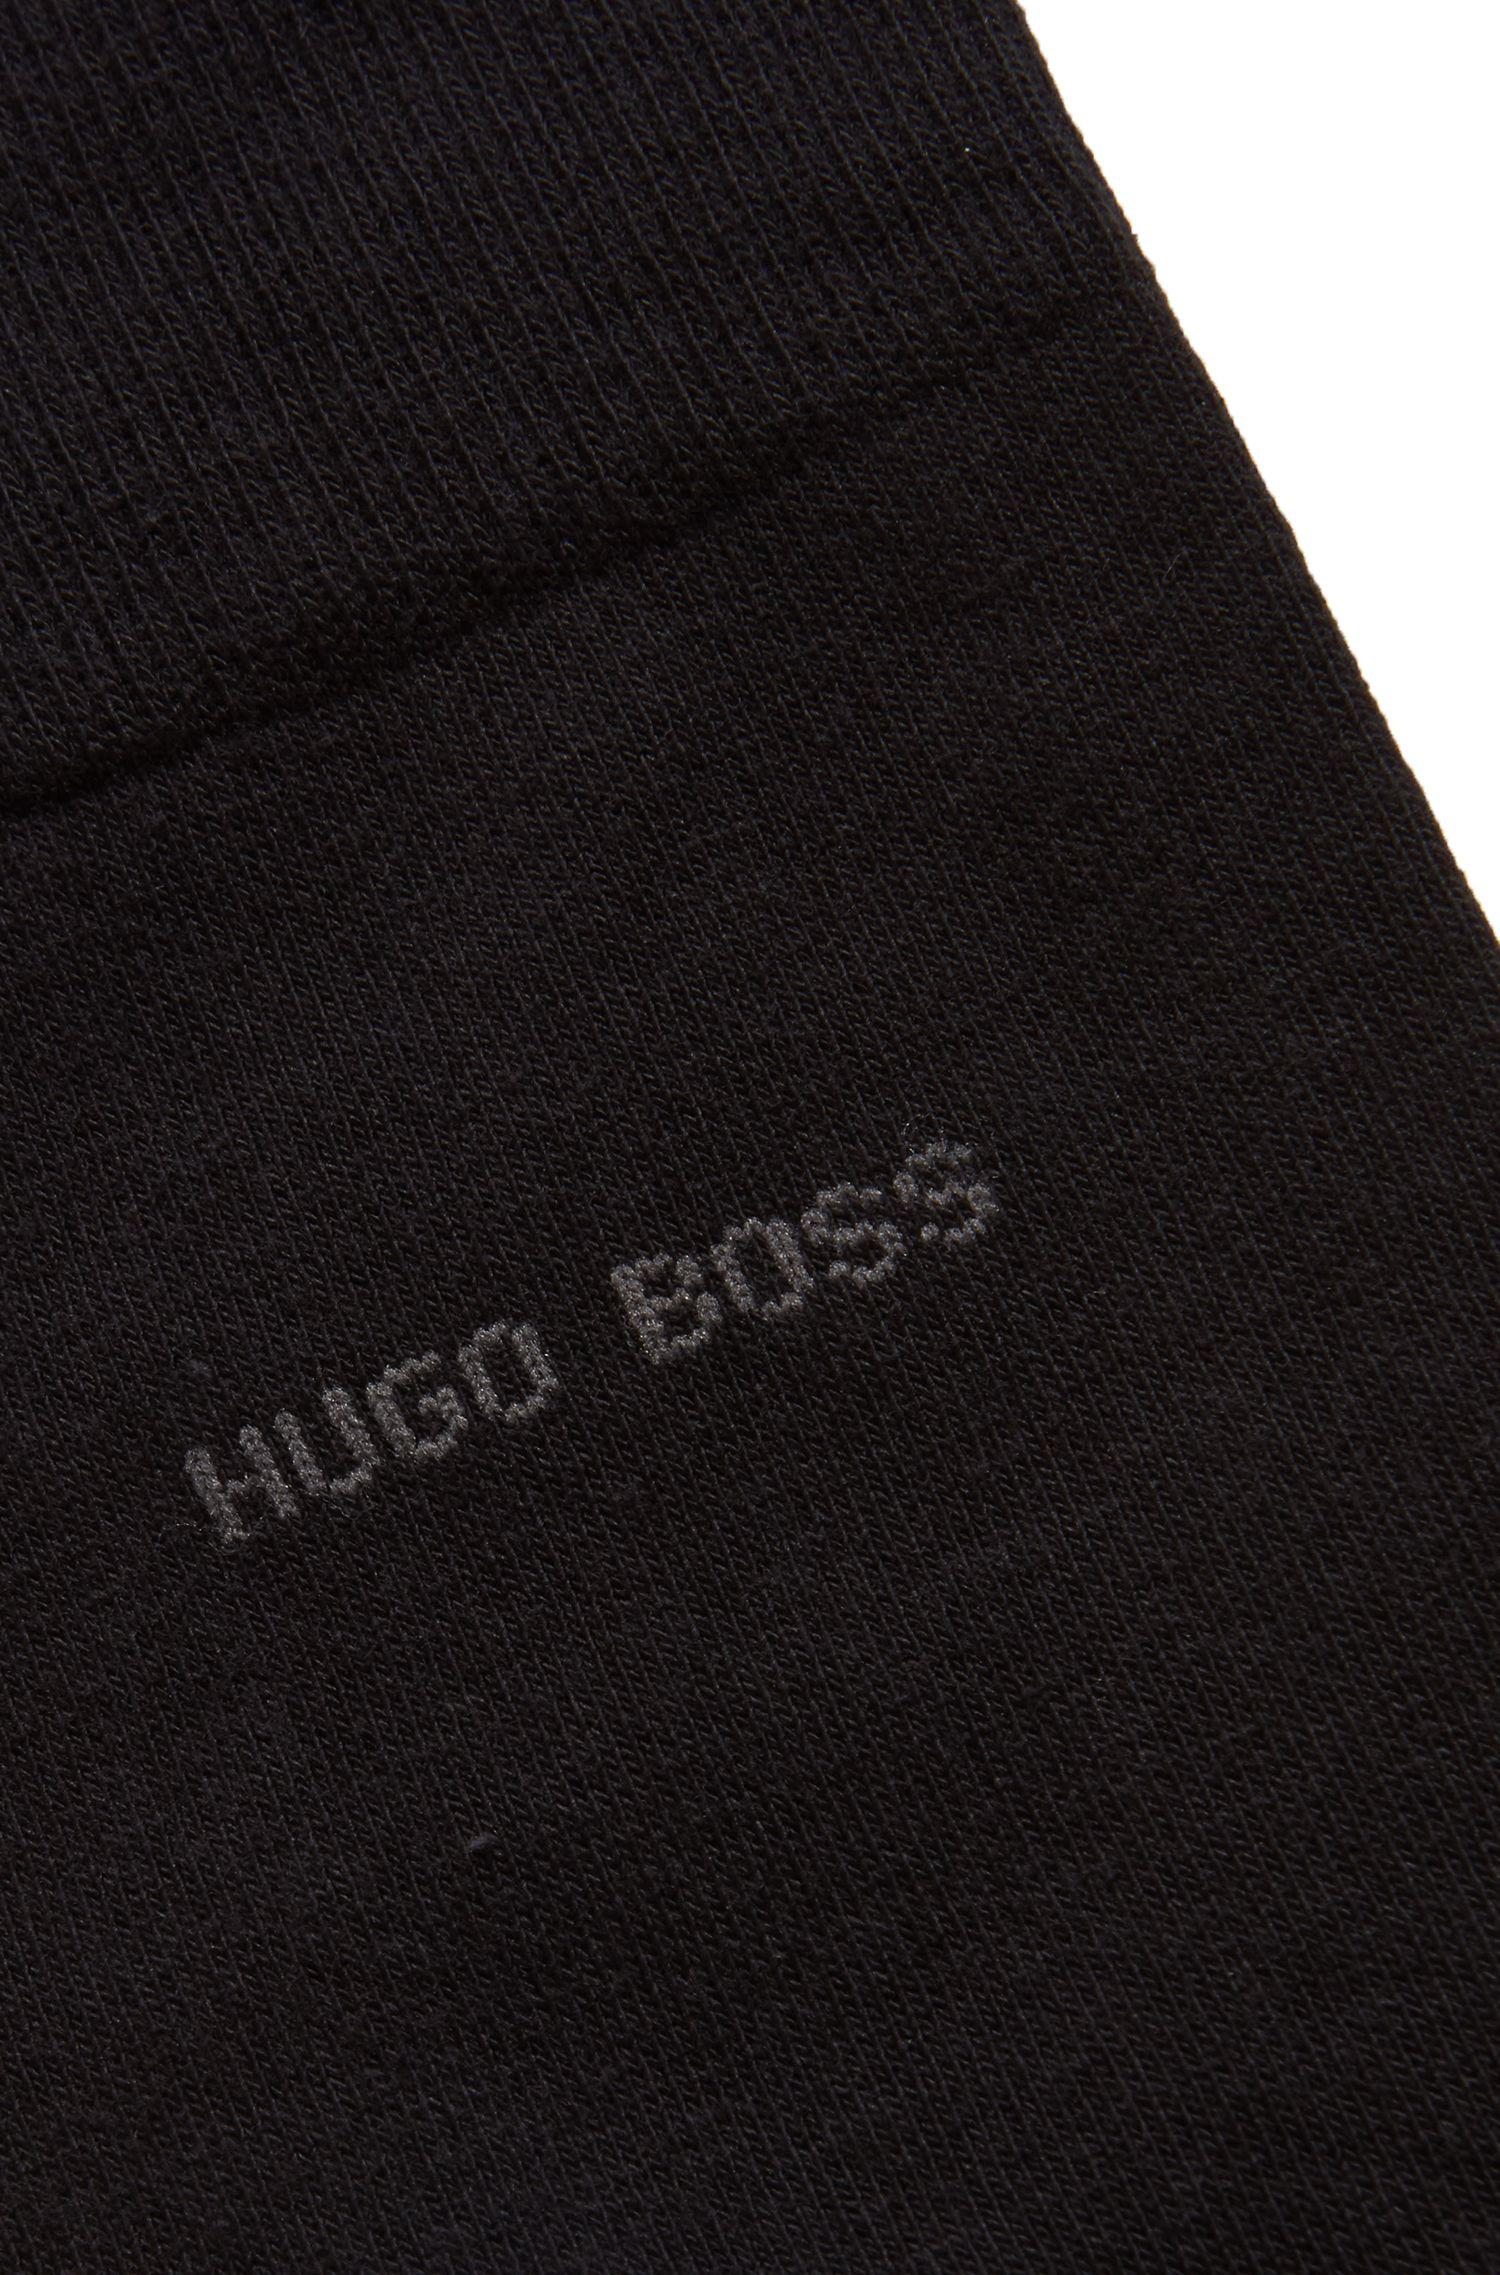 Calze in cotone ecologico pettinato con tessuto elasticizzato, Nero